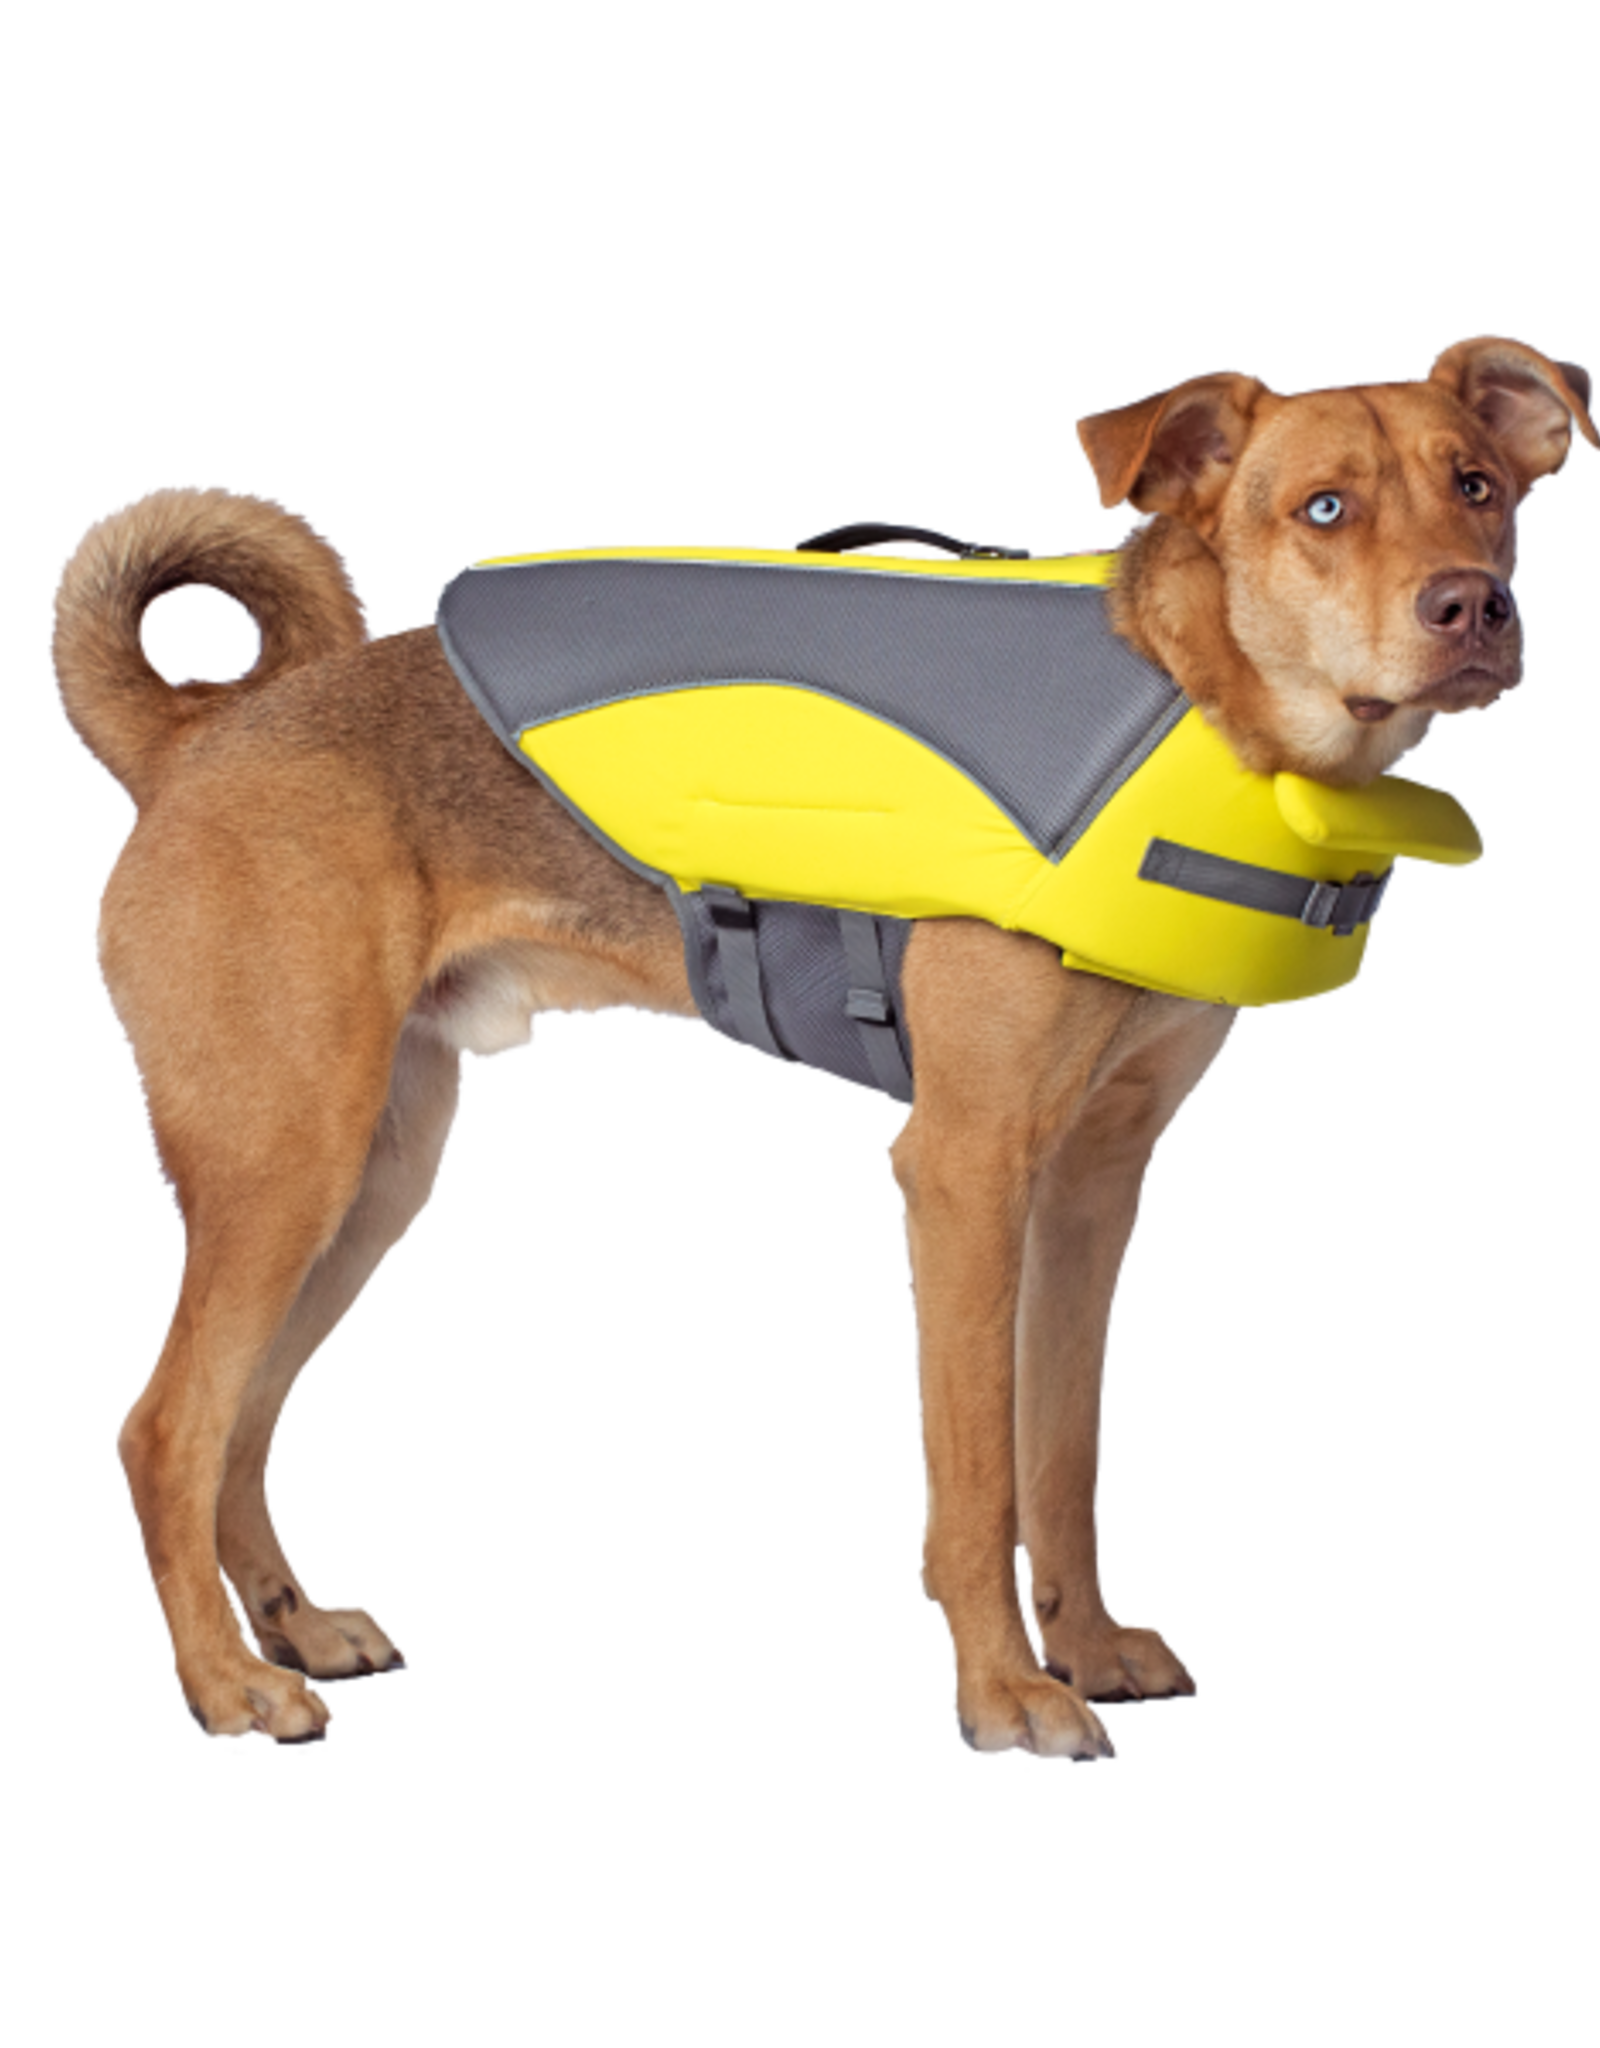 Canada Pooch Canada Pooch Wave Rider Life Jacket Yellow